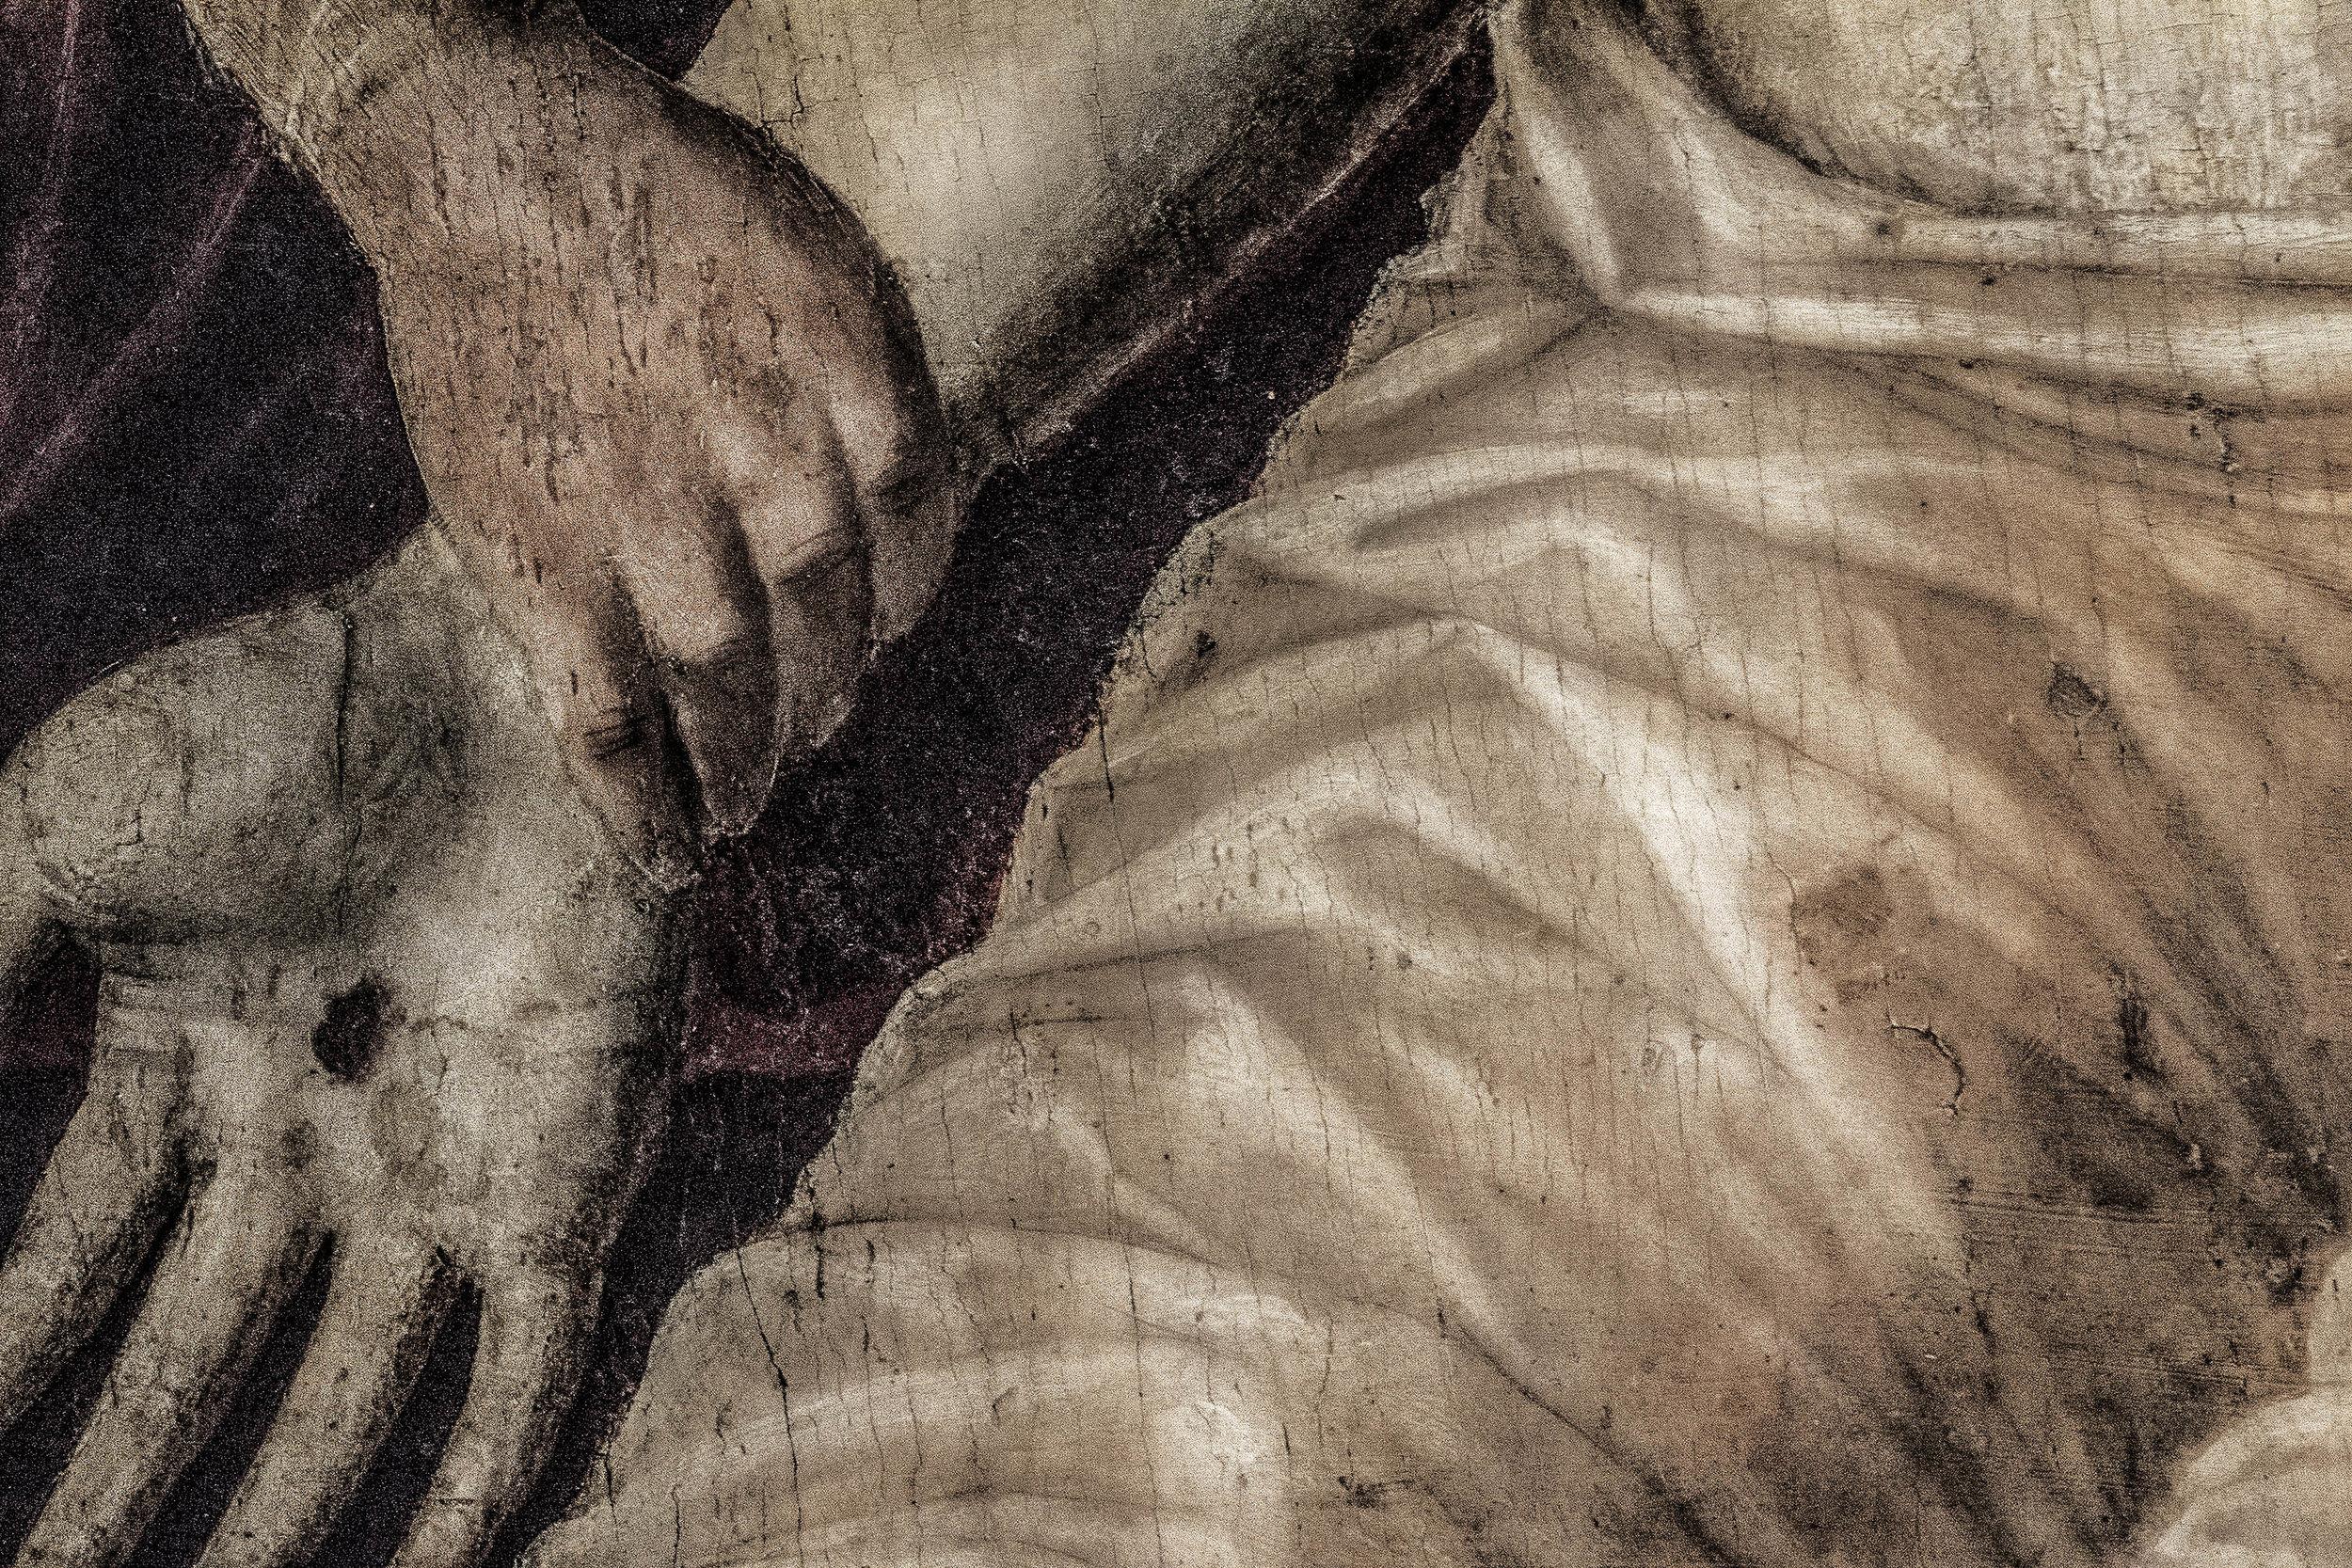 LIZA AMBROSSIO  Stigma / Estigma , ''The Rage of Devotion'' series, 2017, 33 x 24.5 in; 84 x 62 cm, Digital print, Edition of 5